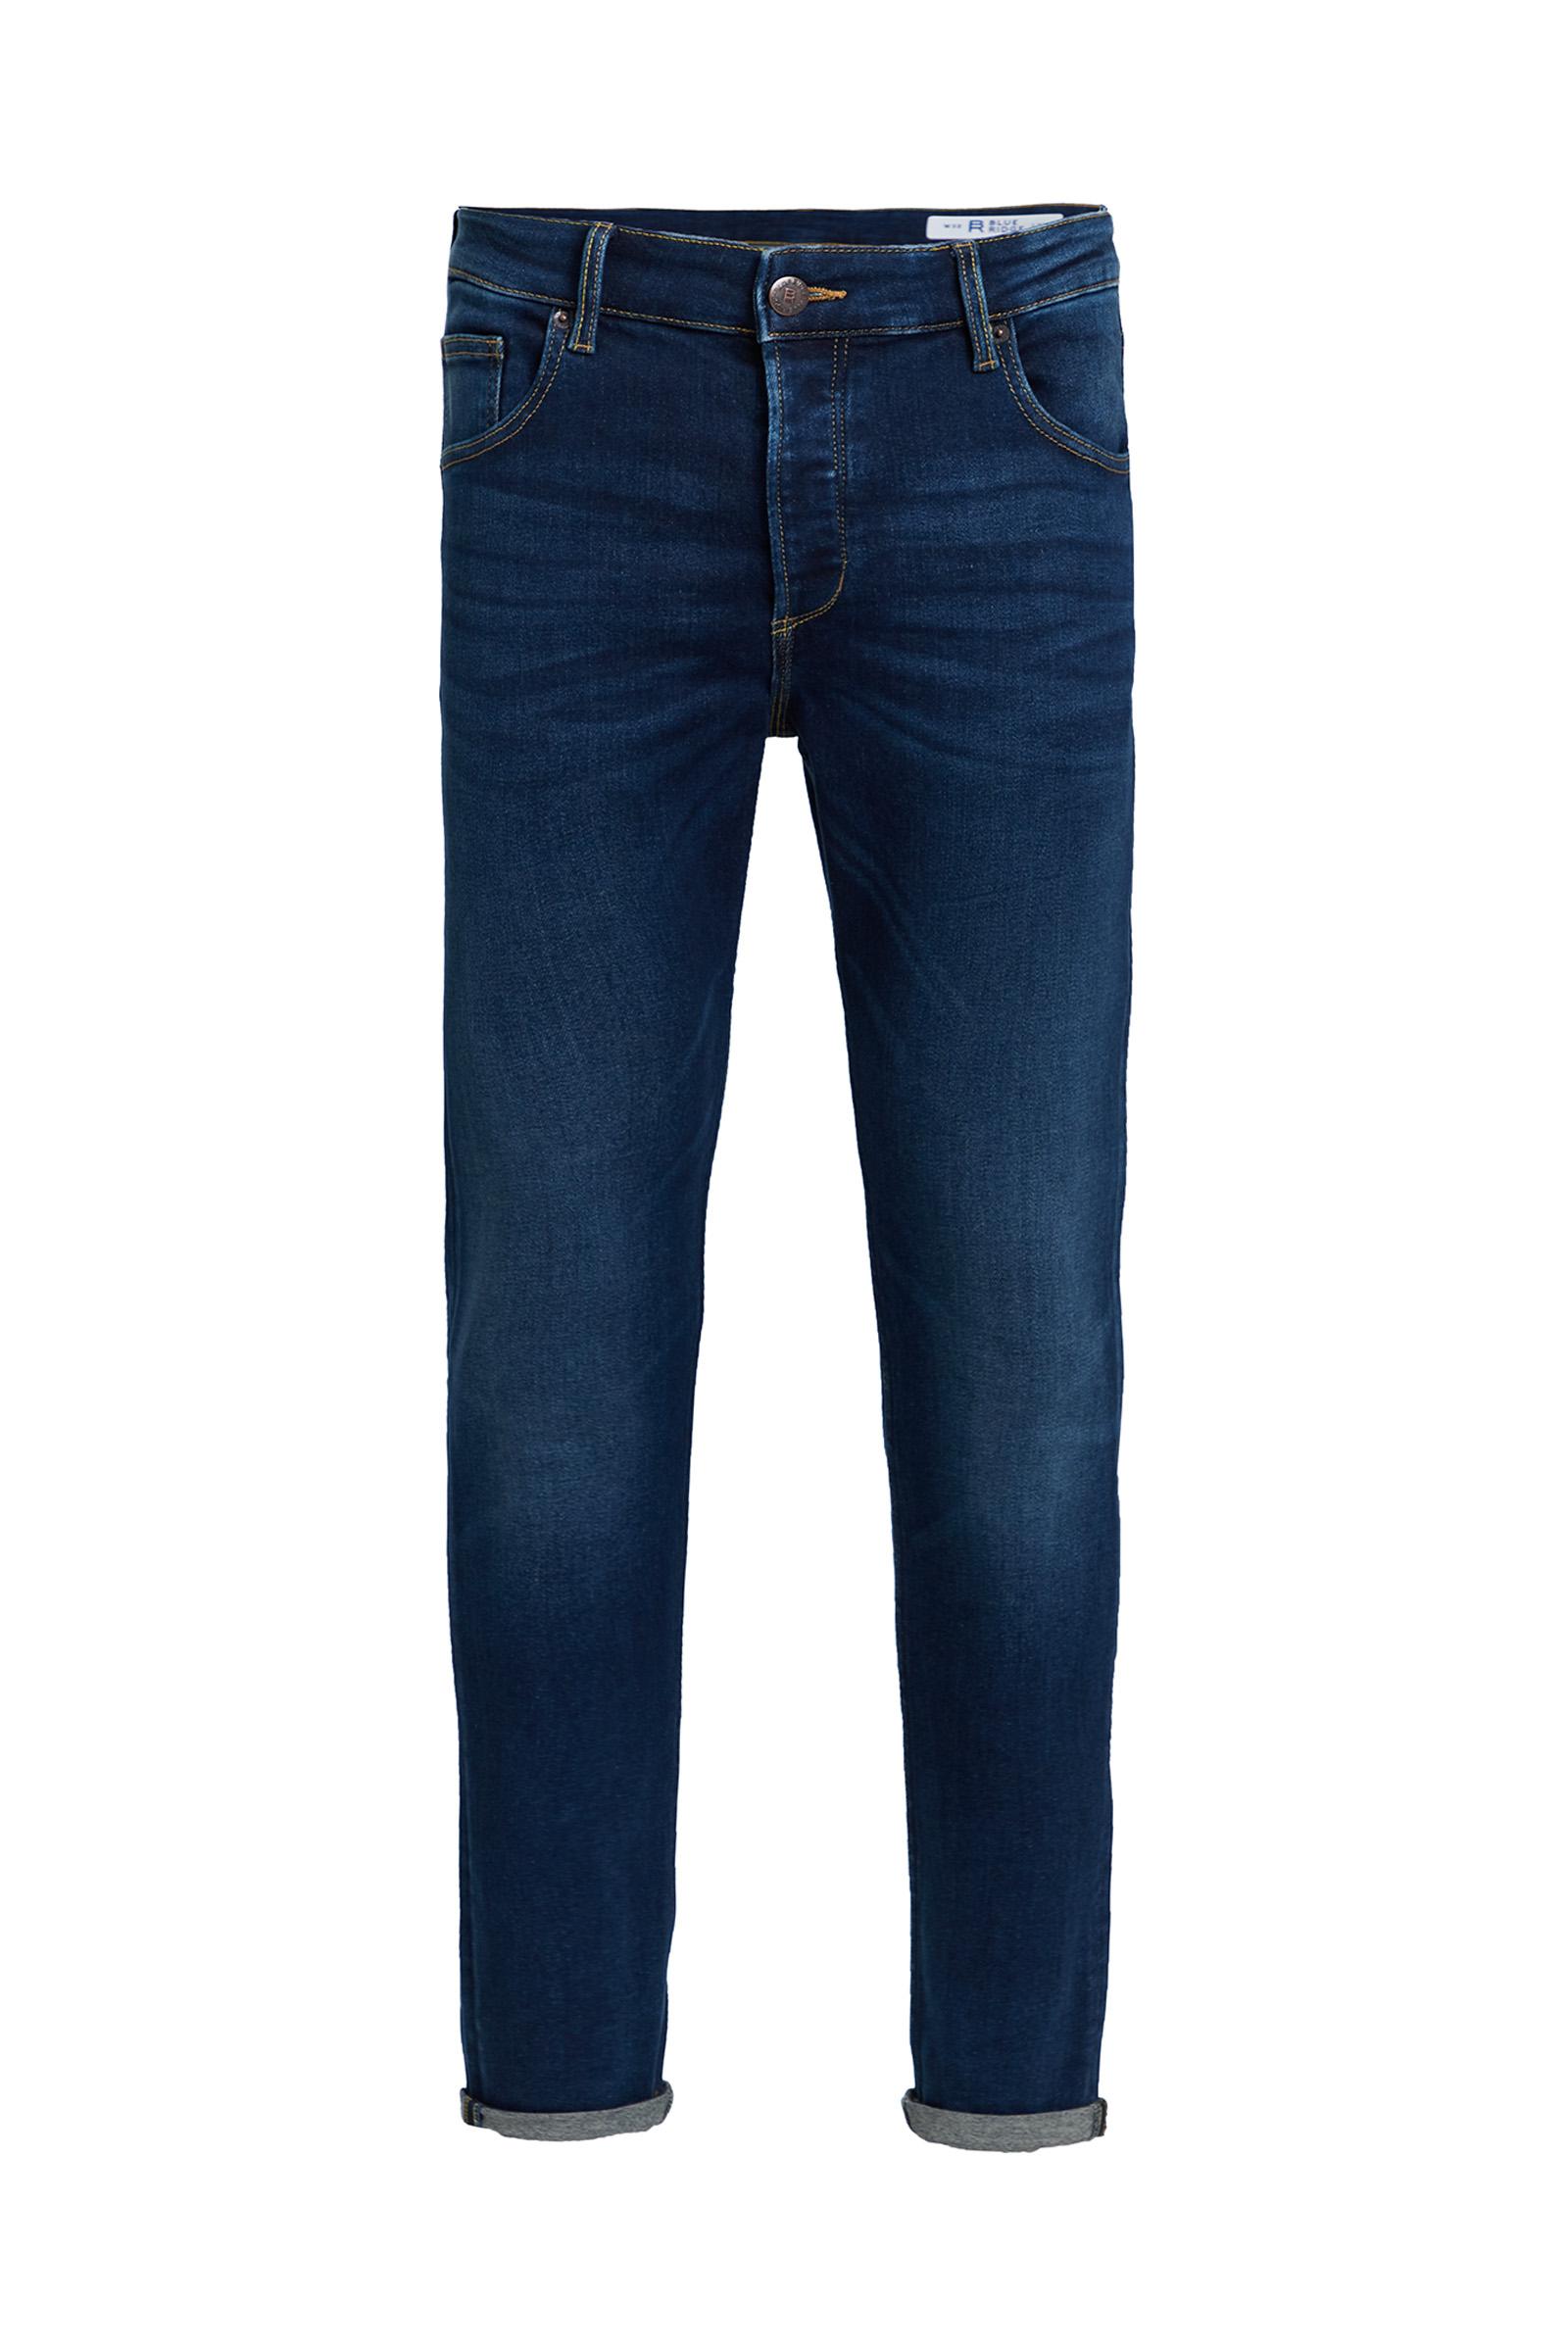 Heren skinny fit jog denim jeans | 95012179 WE Fashion